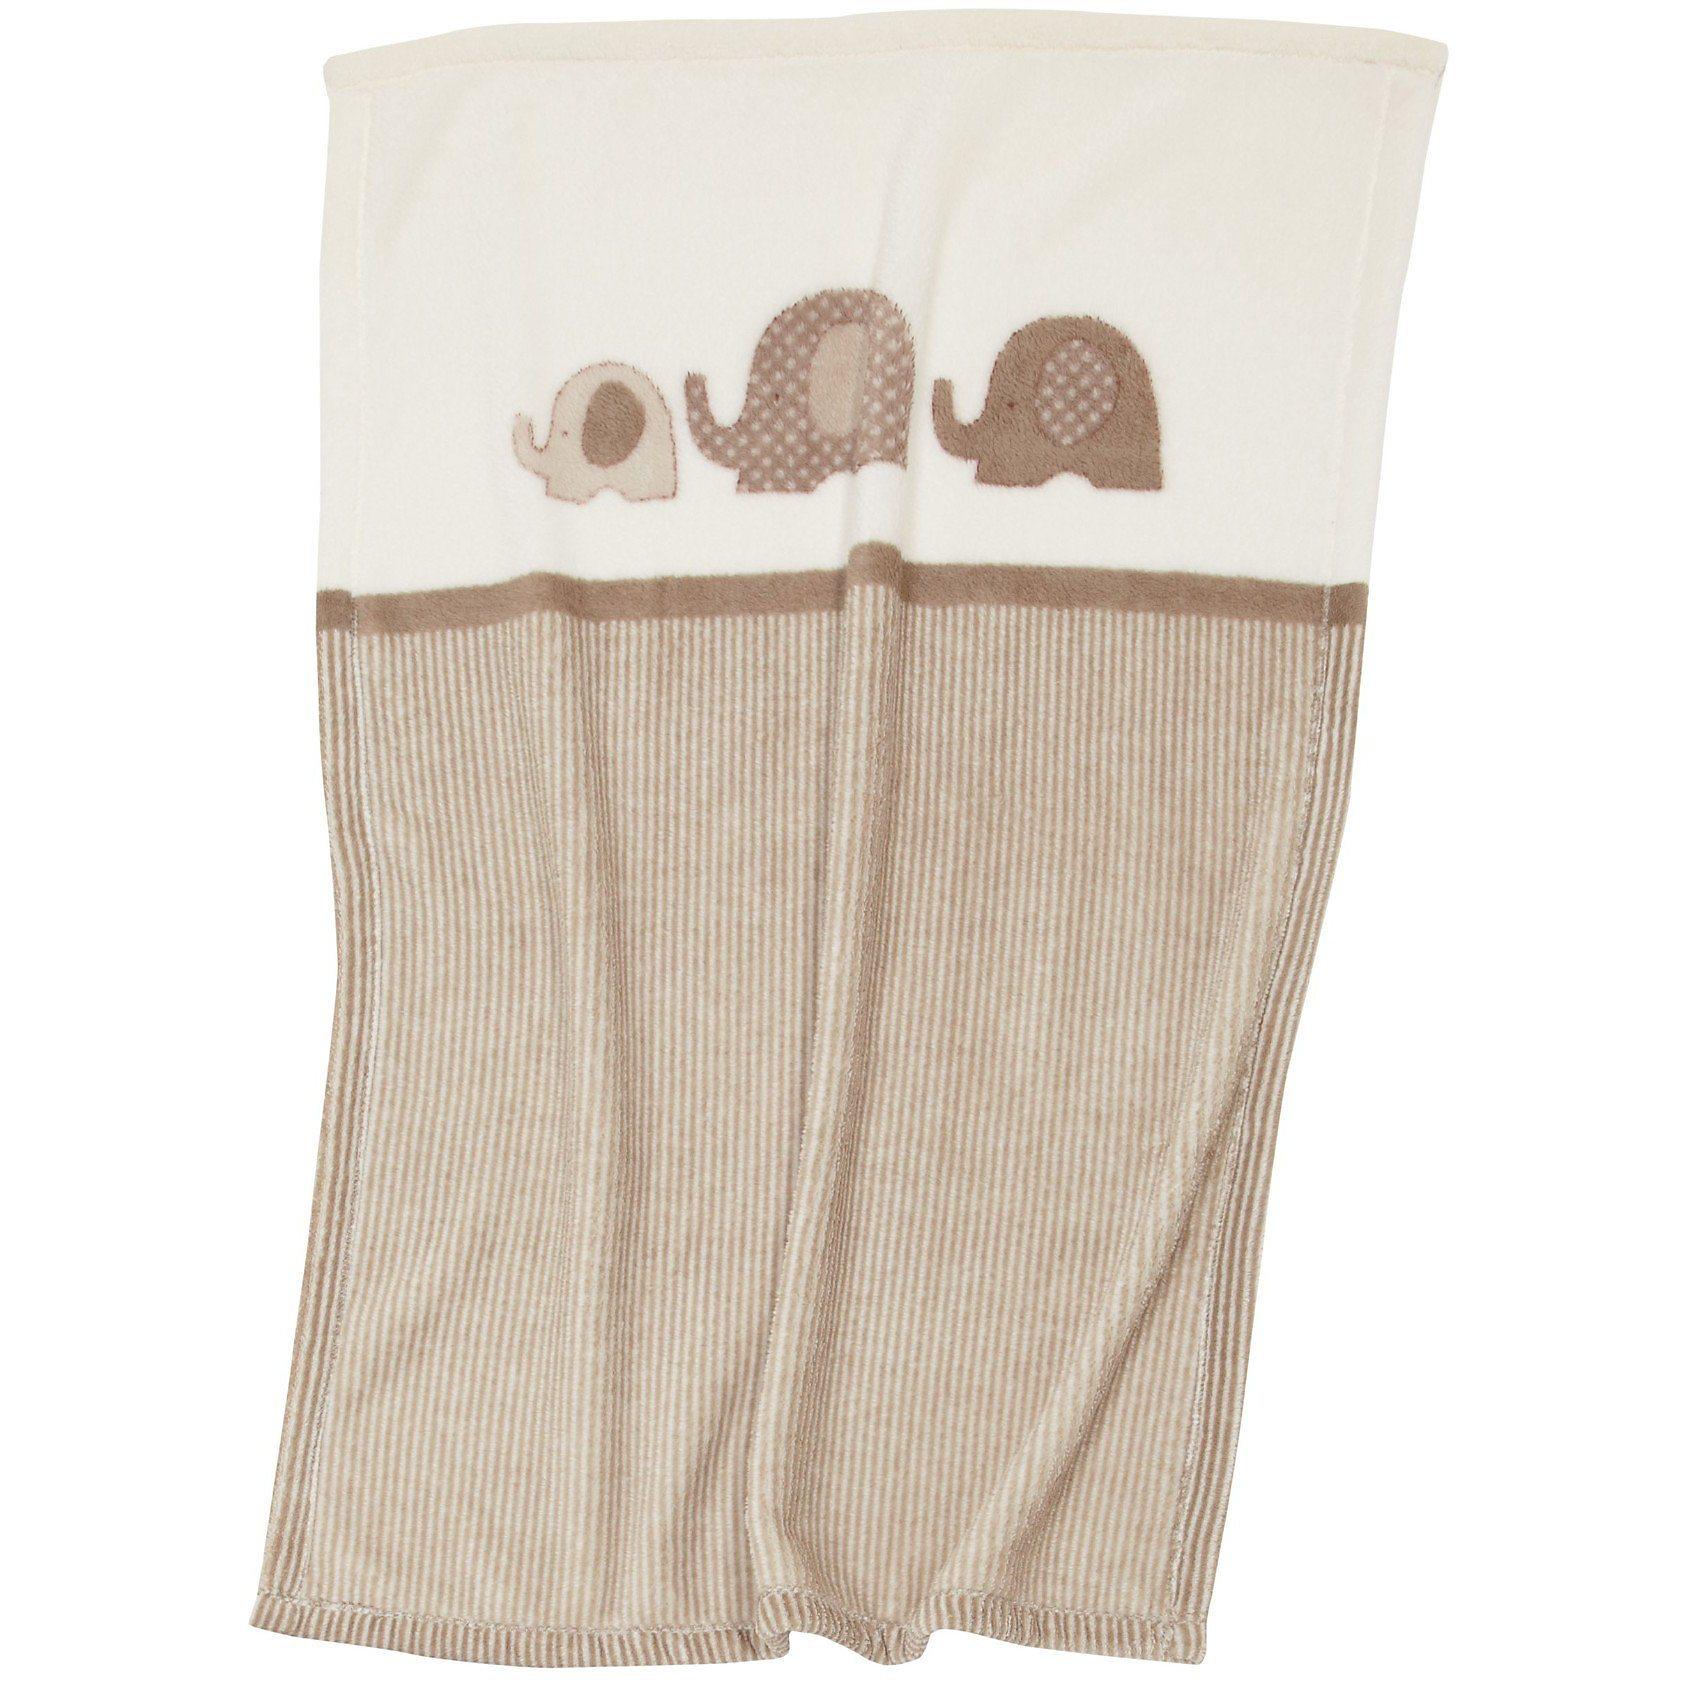 Babydecke mit UV-Schutz, Elefant, 75 x 100 cm | Kinderzimmer > Textilien für Kinder > Babytextilien | Polyester